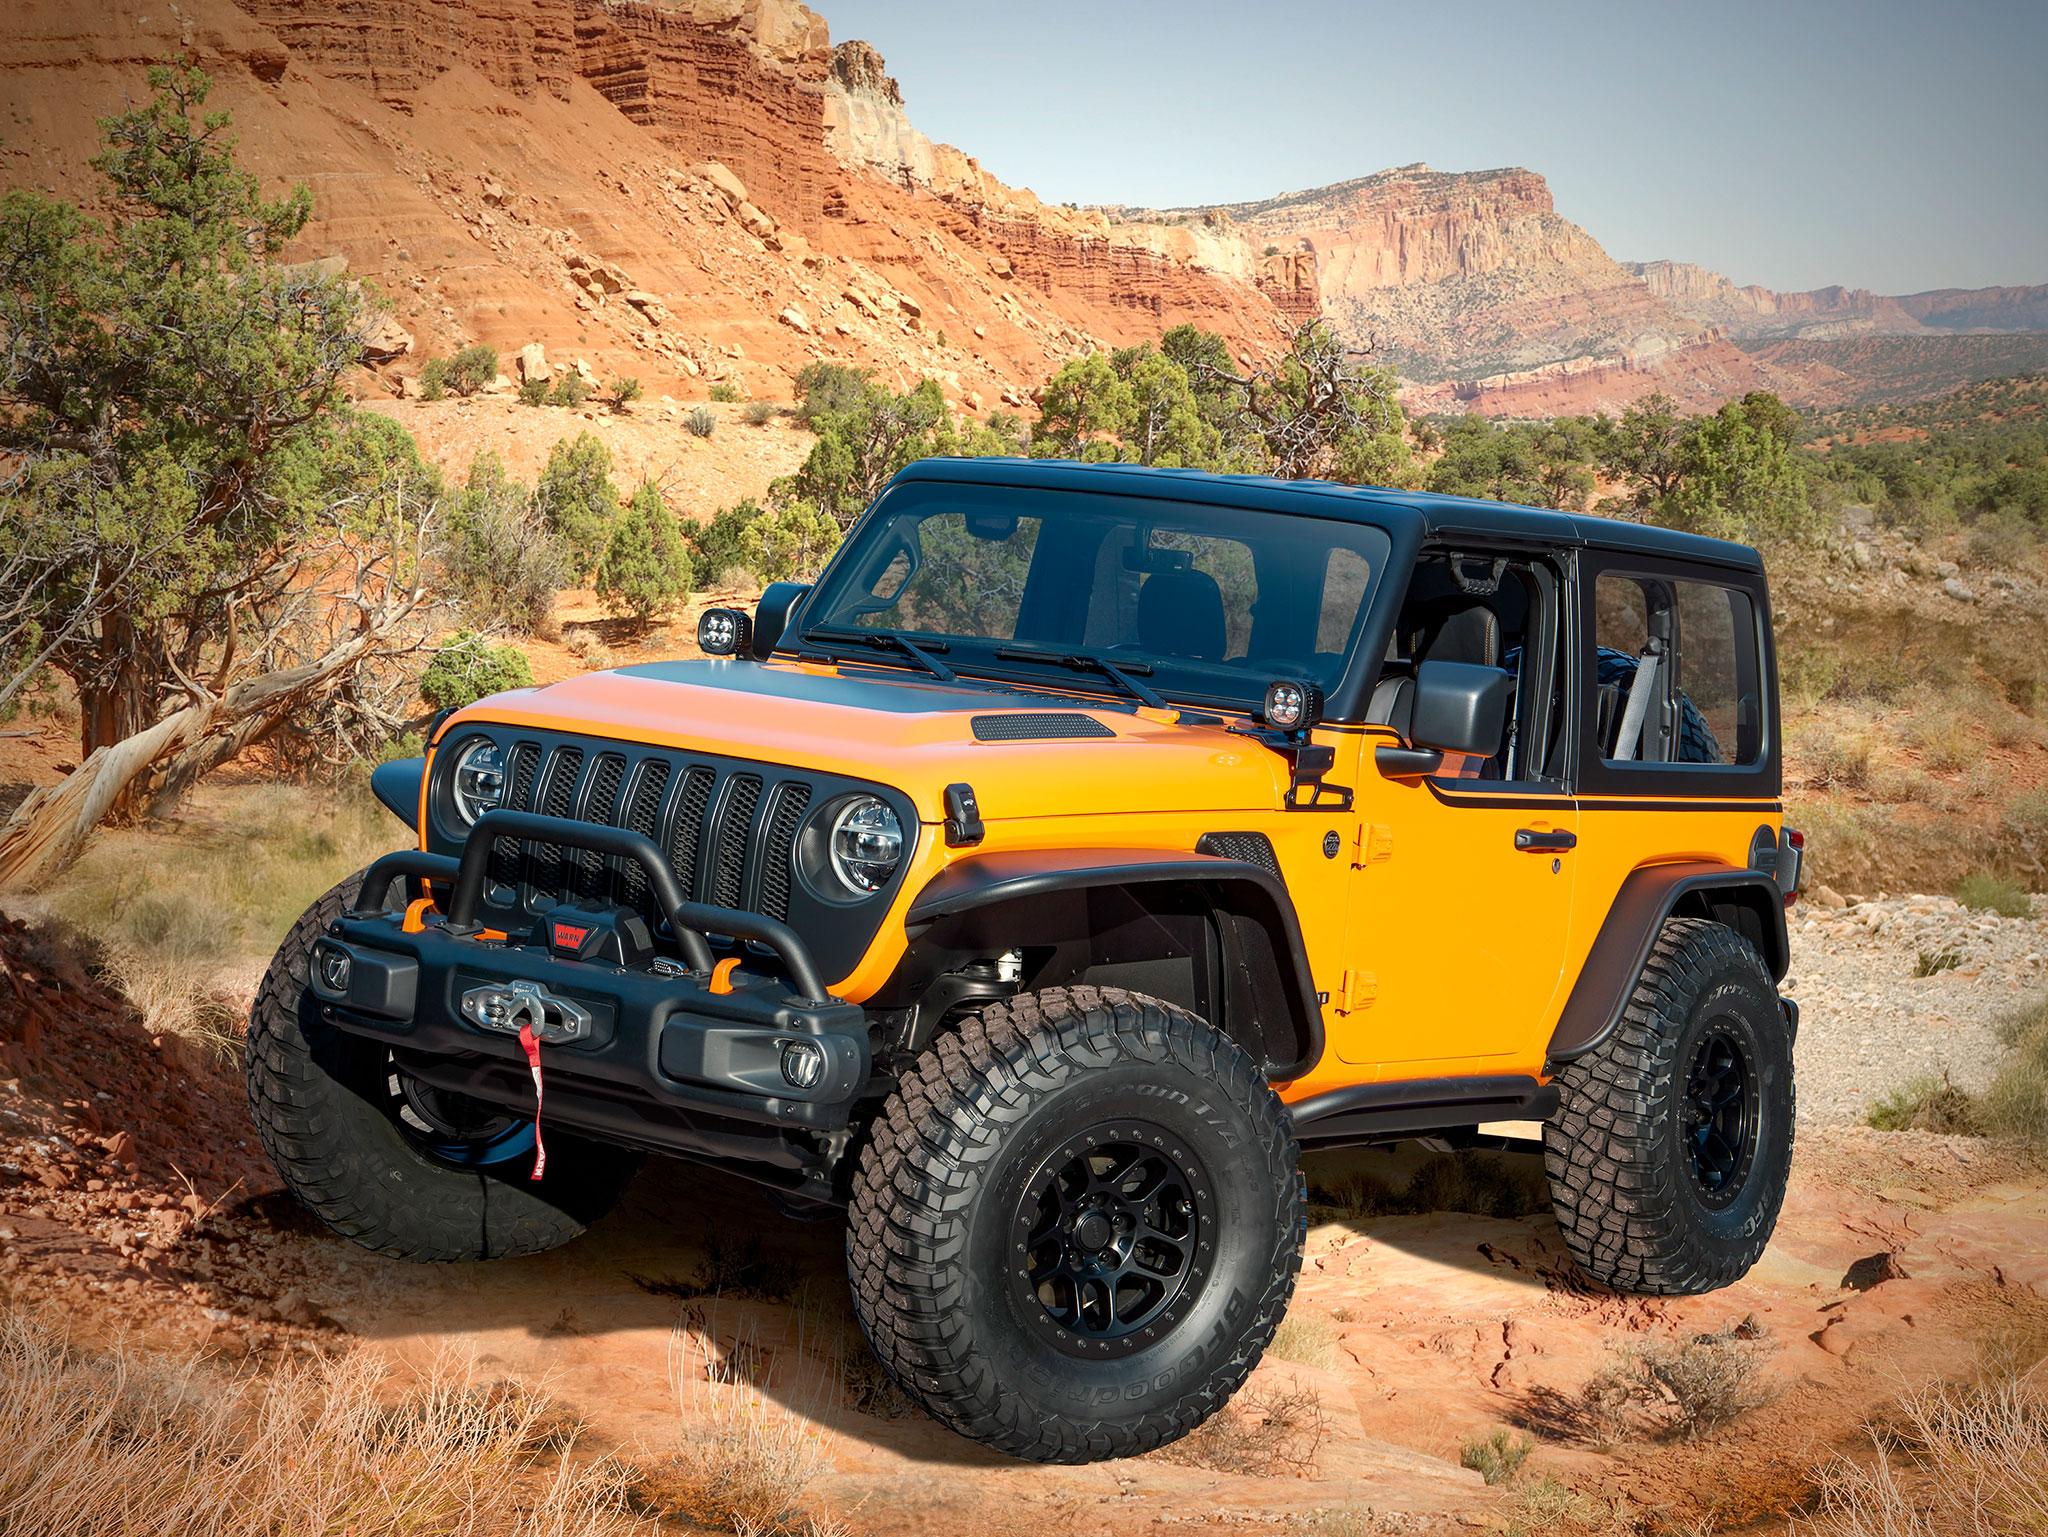 2021 Jeep Wrangler 2-Door Orange Peelz pare-buffle treuil et roues en 37 pouces - Concept Cars de Jeep®.